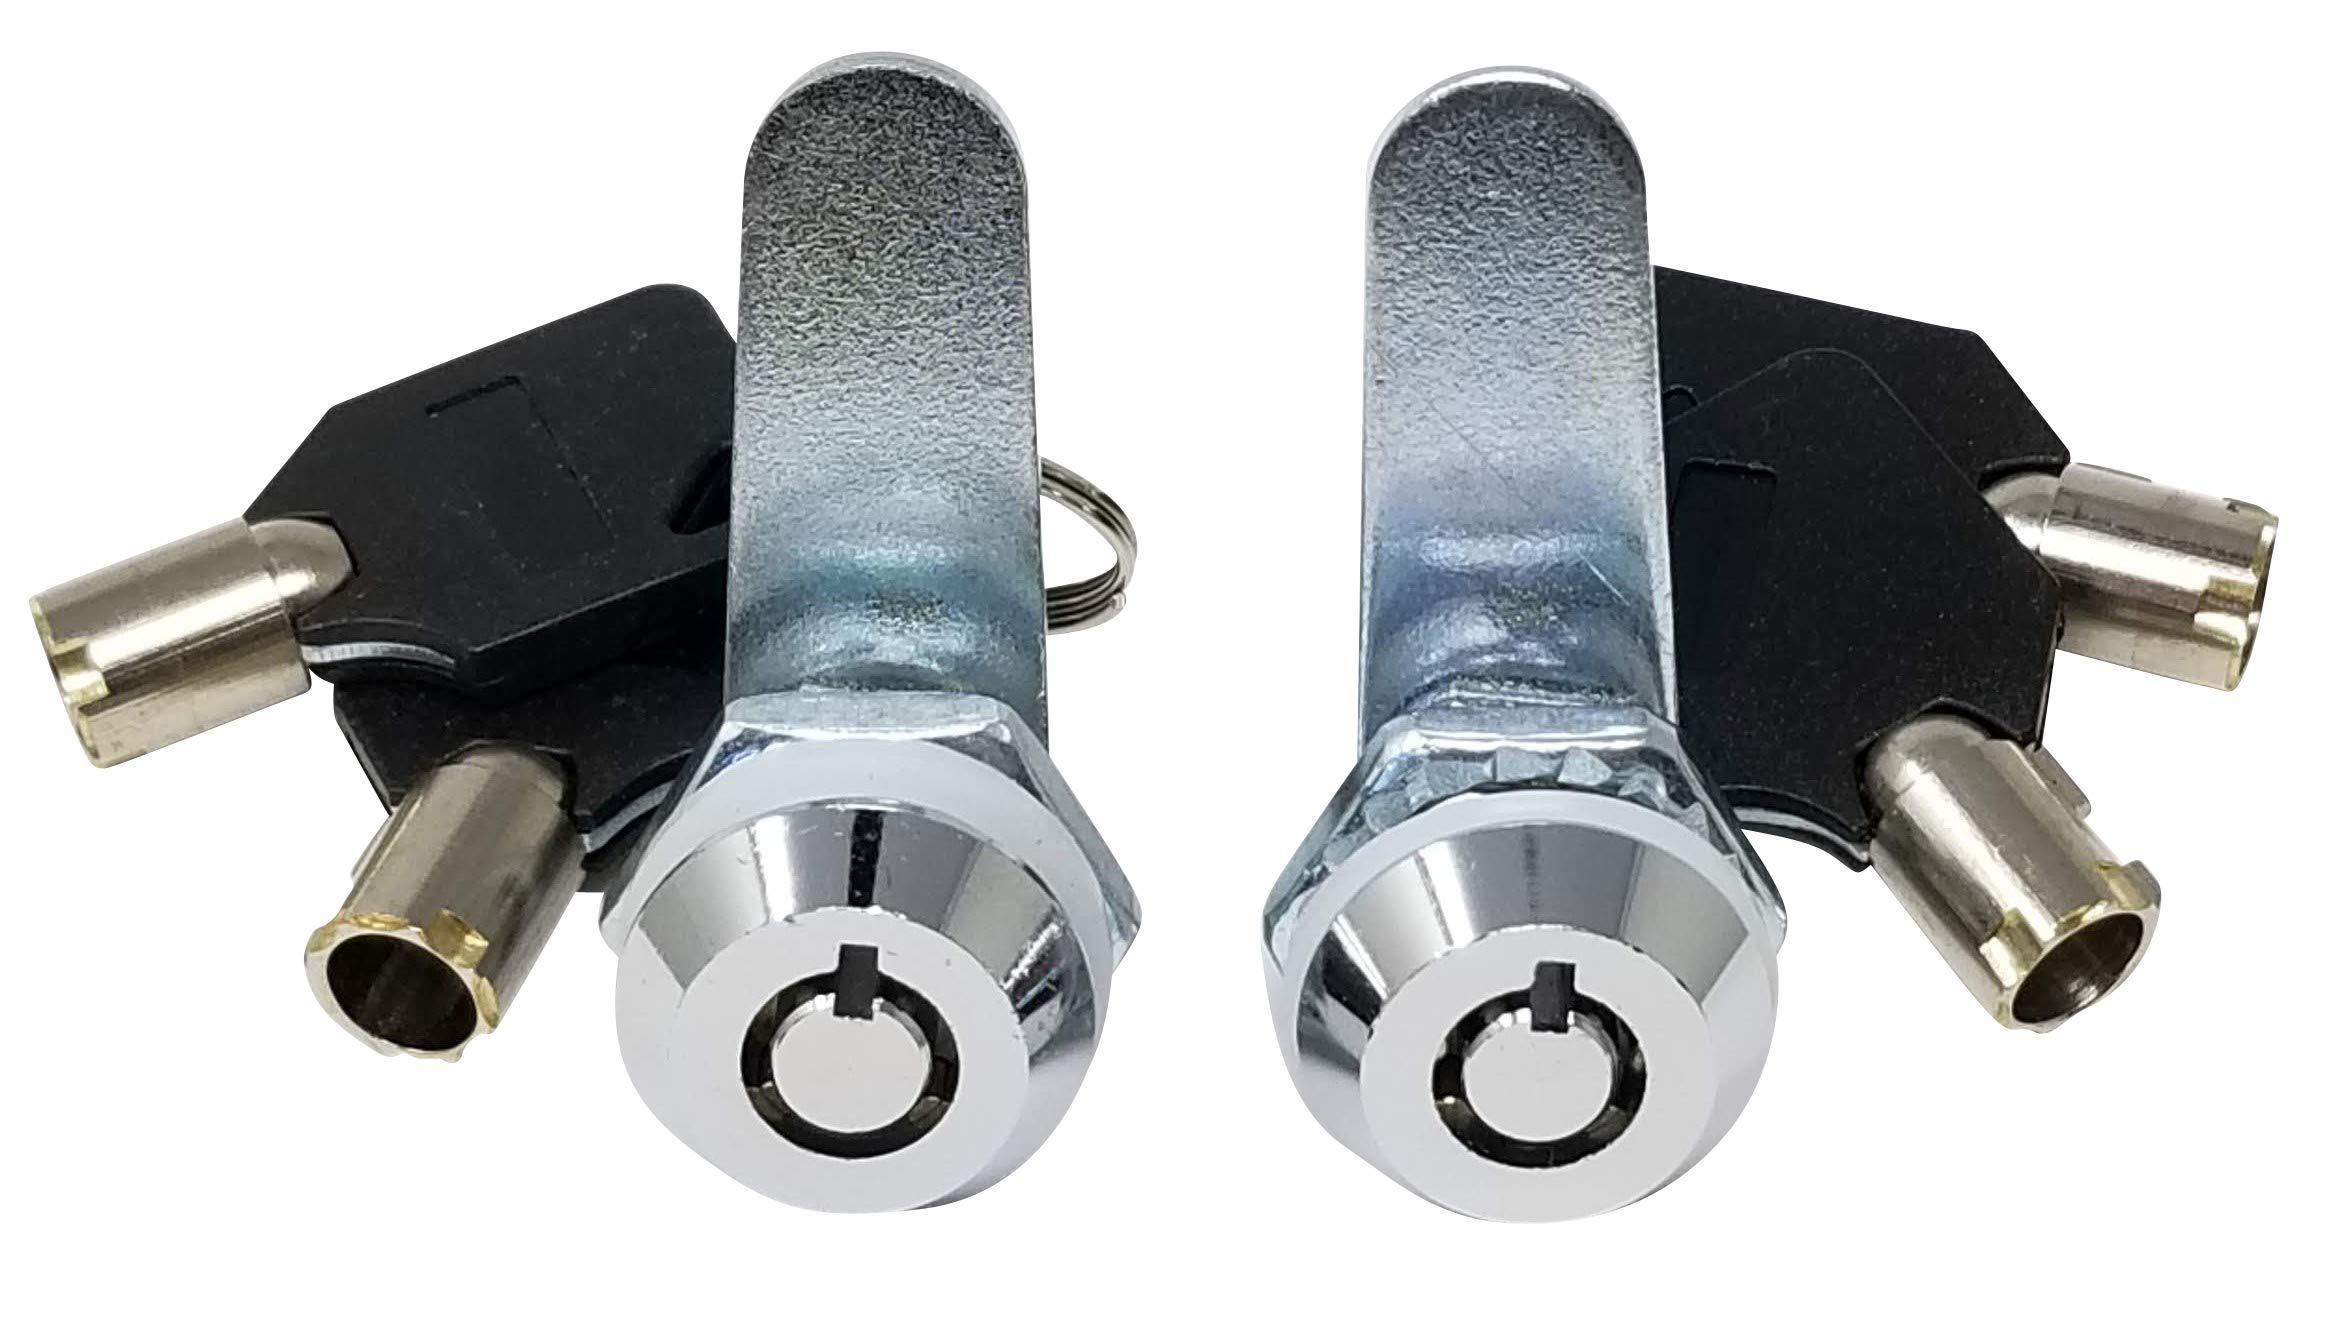 Tubular Cam Lock with 5/8'' Cylinder and Chrome Finish, Keyed Alike (Pack of 2)